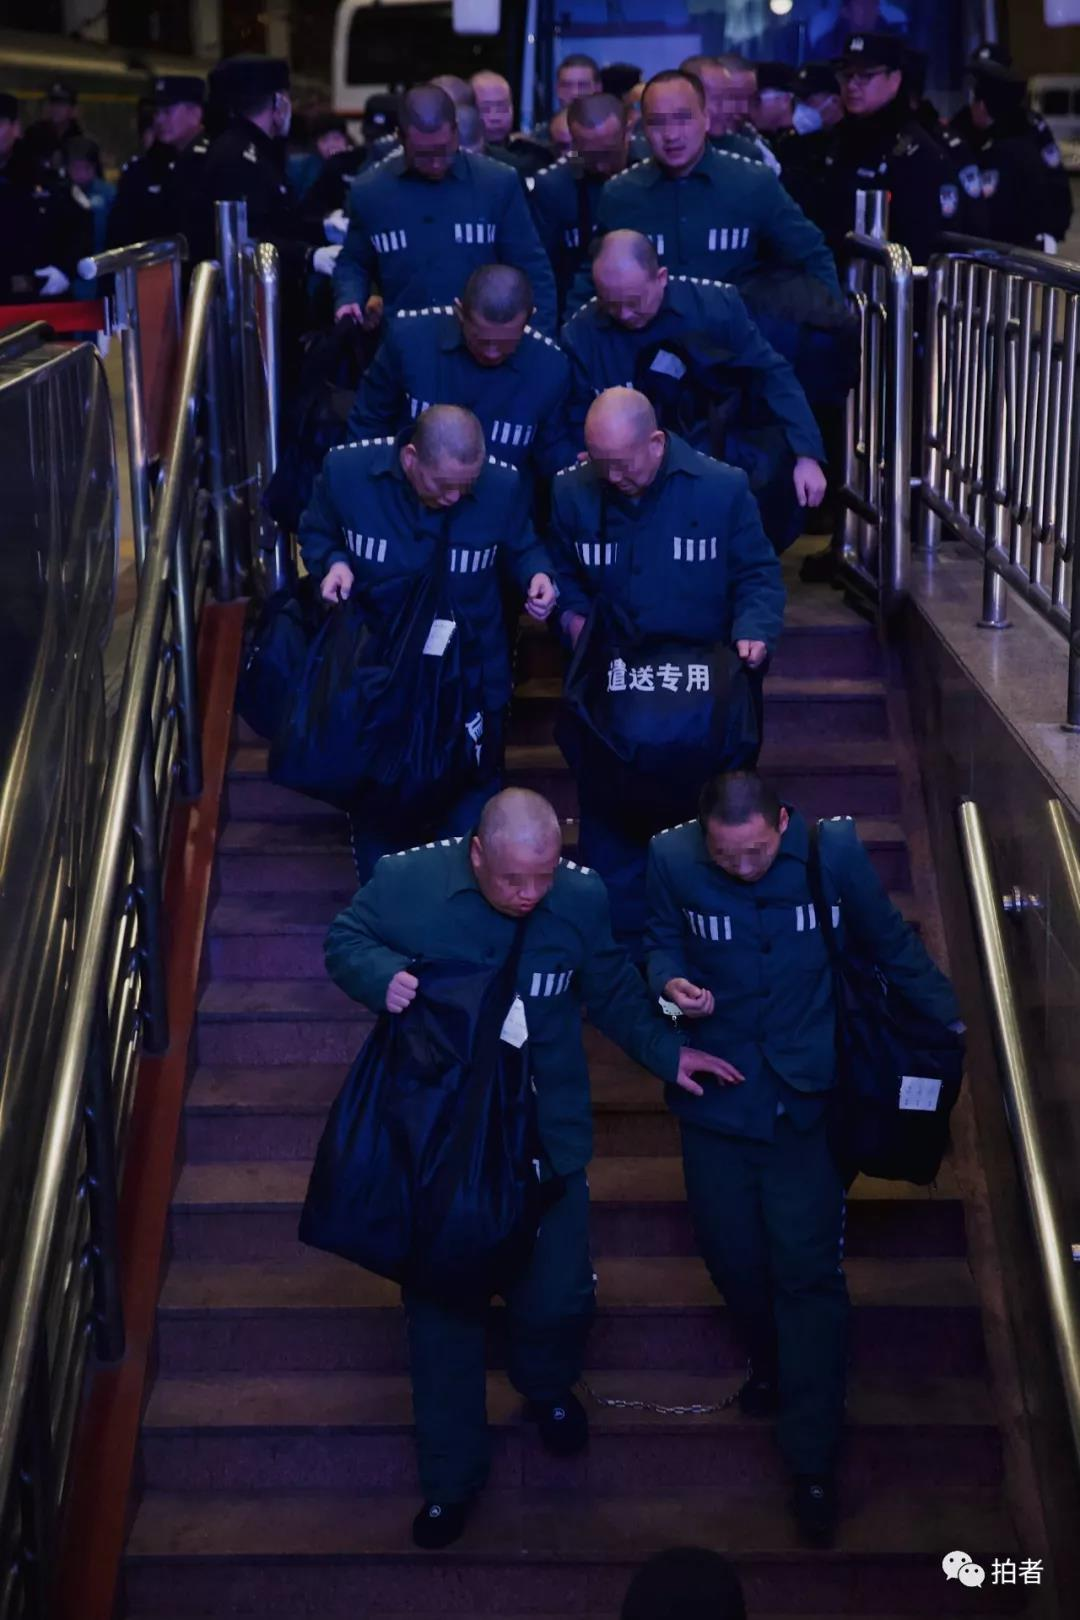 △12月4日,北京西站,服刑人员下车后步行进入站台。